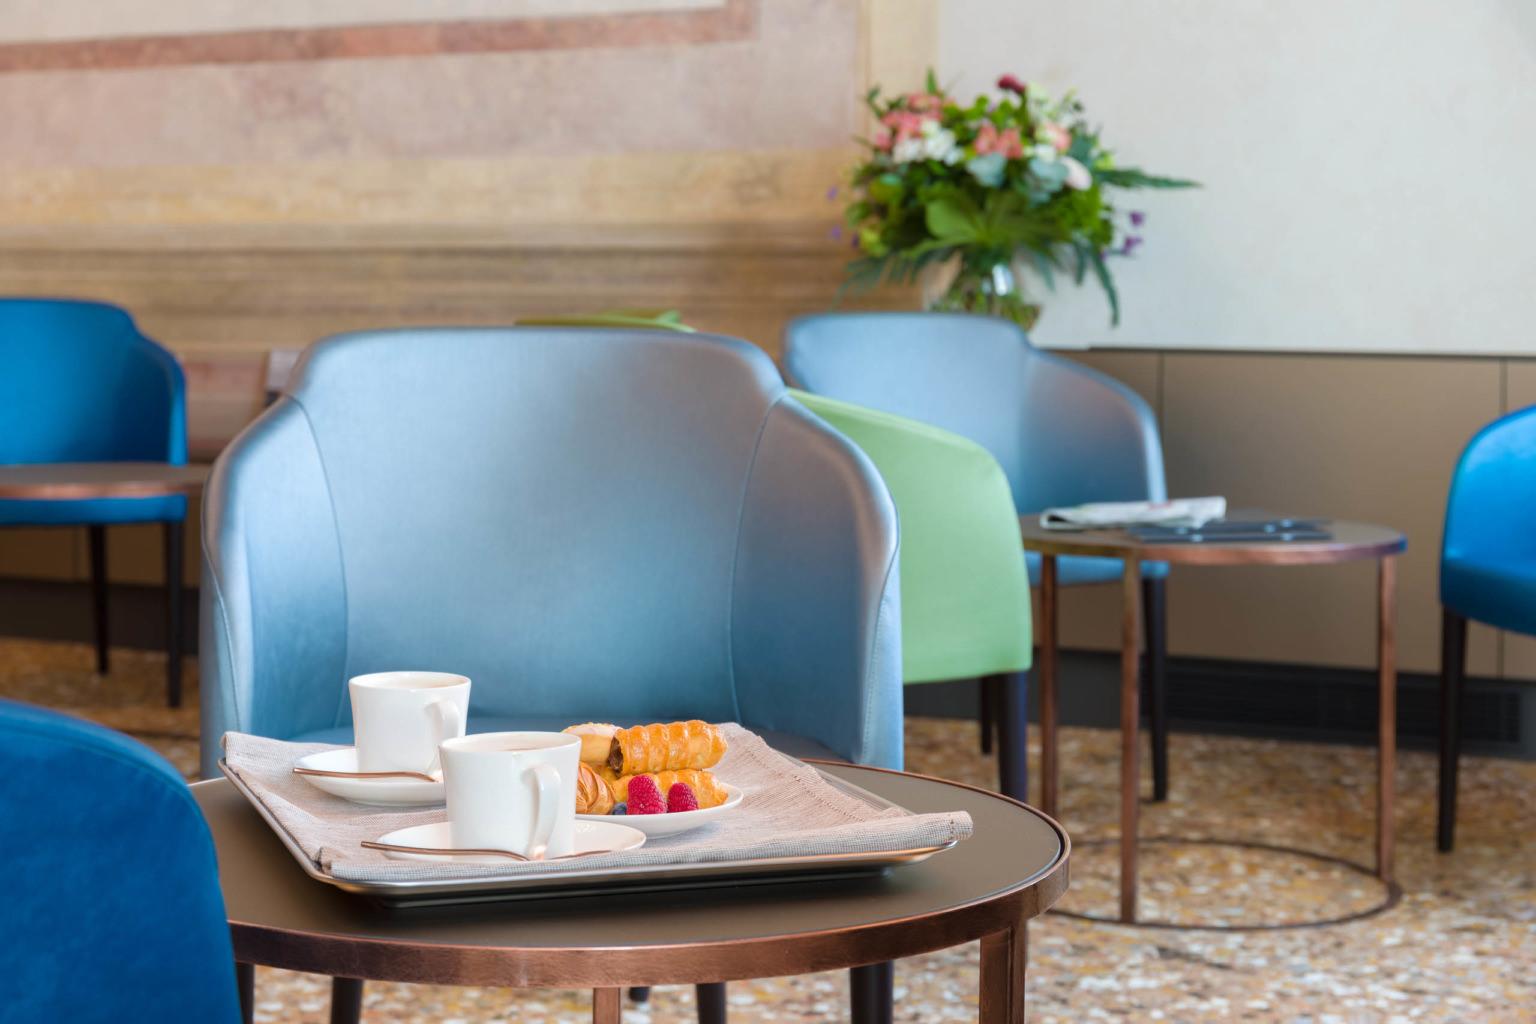 Servizio fotografico Ascend Hotel Collection, Choice Hotels